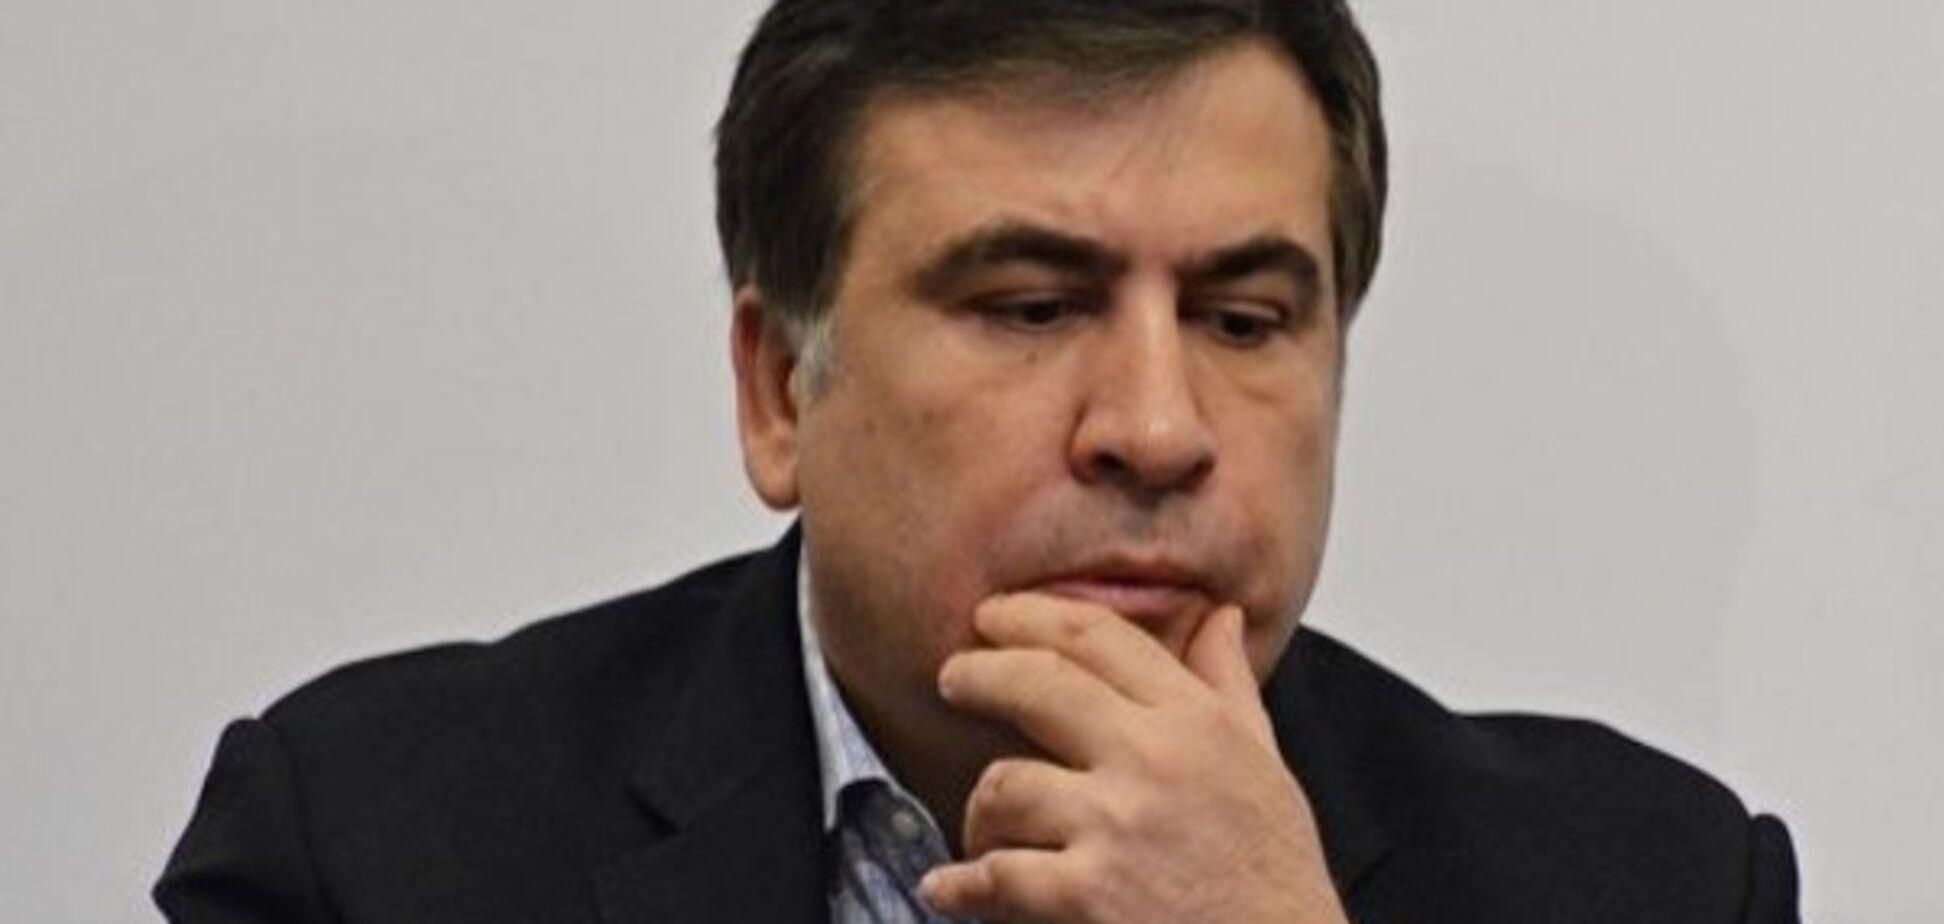 Ситуация с украинским гражданством Саакашвили: появилось разъяснение от властей